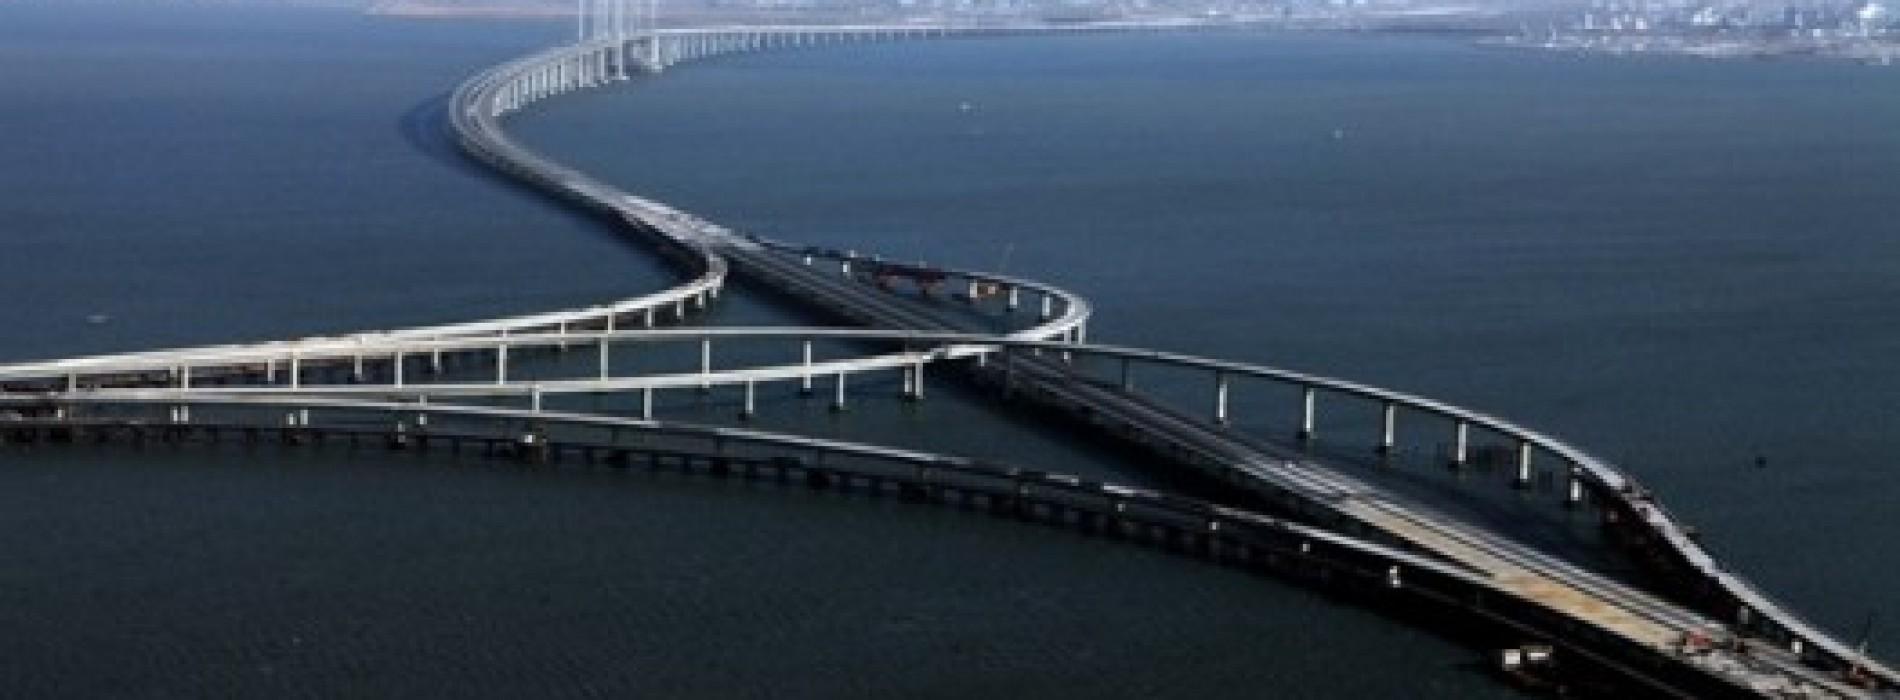 [جسر Jiaozhou بالصين ] اطول جسر على الماء بالعالم